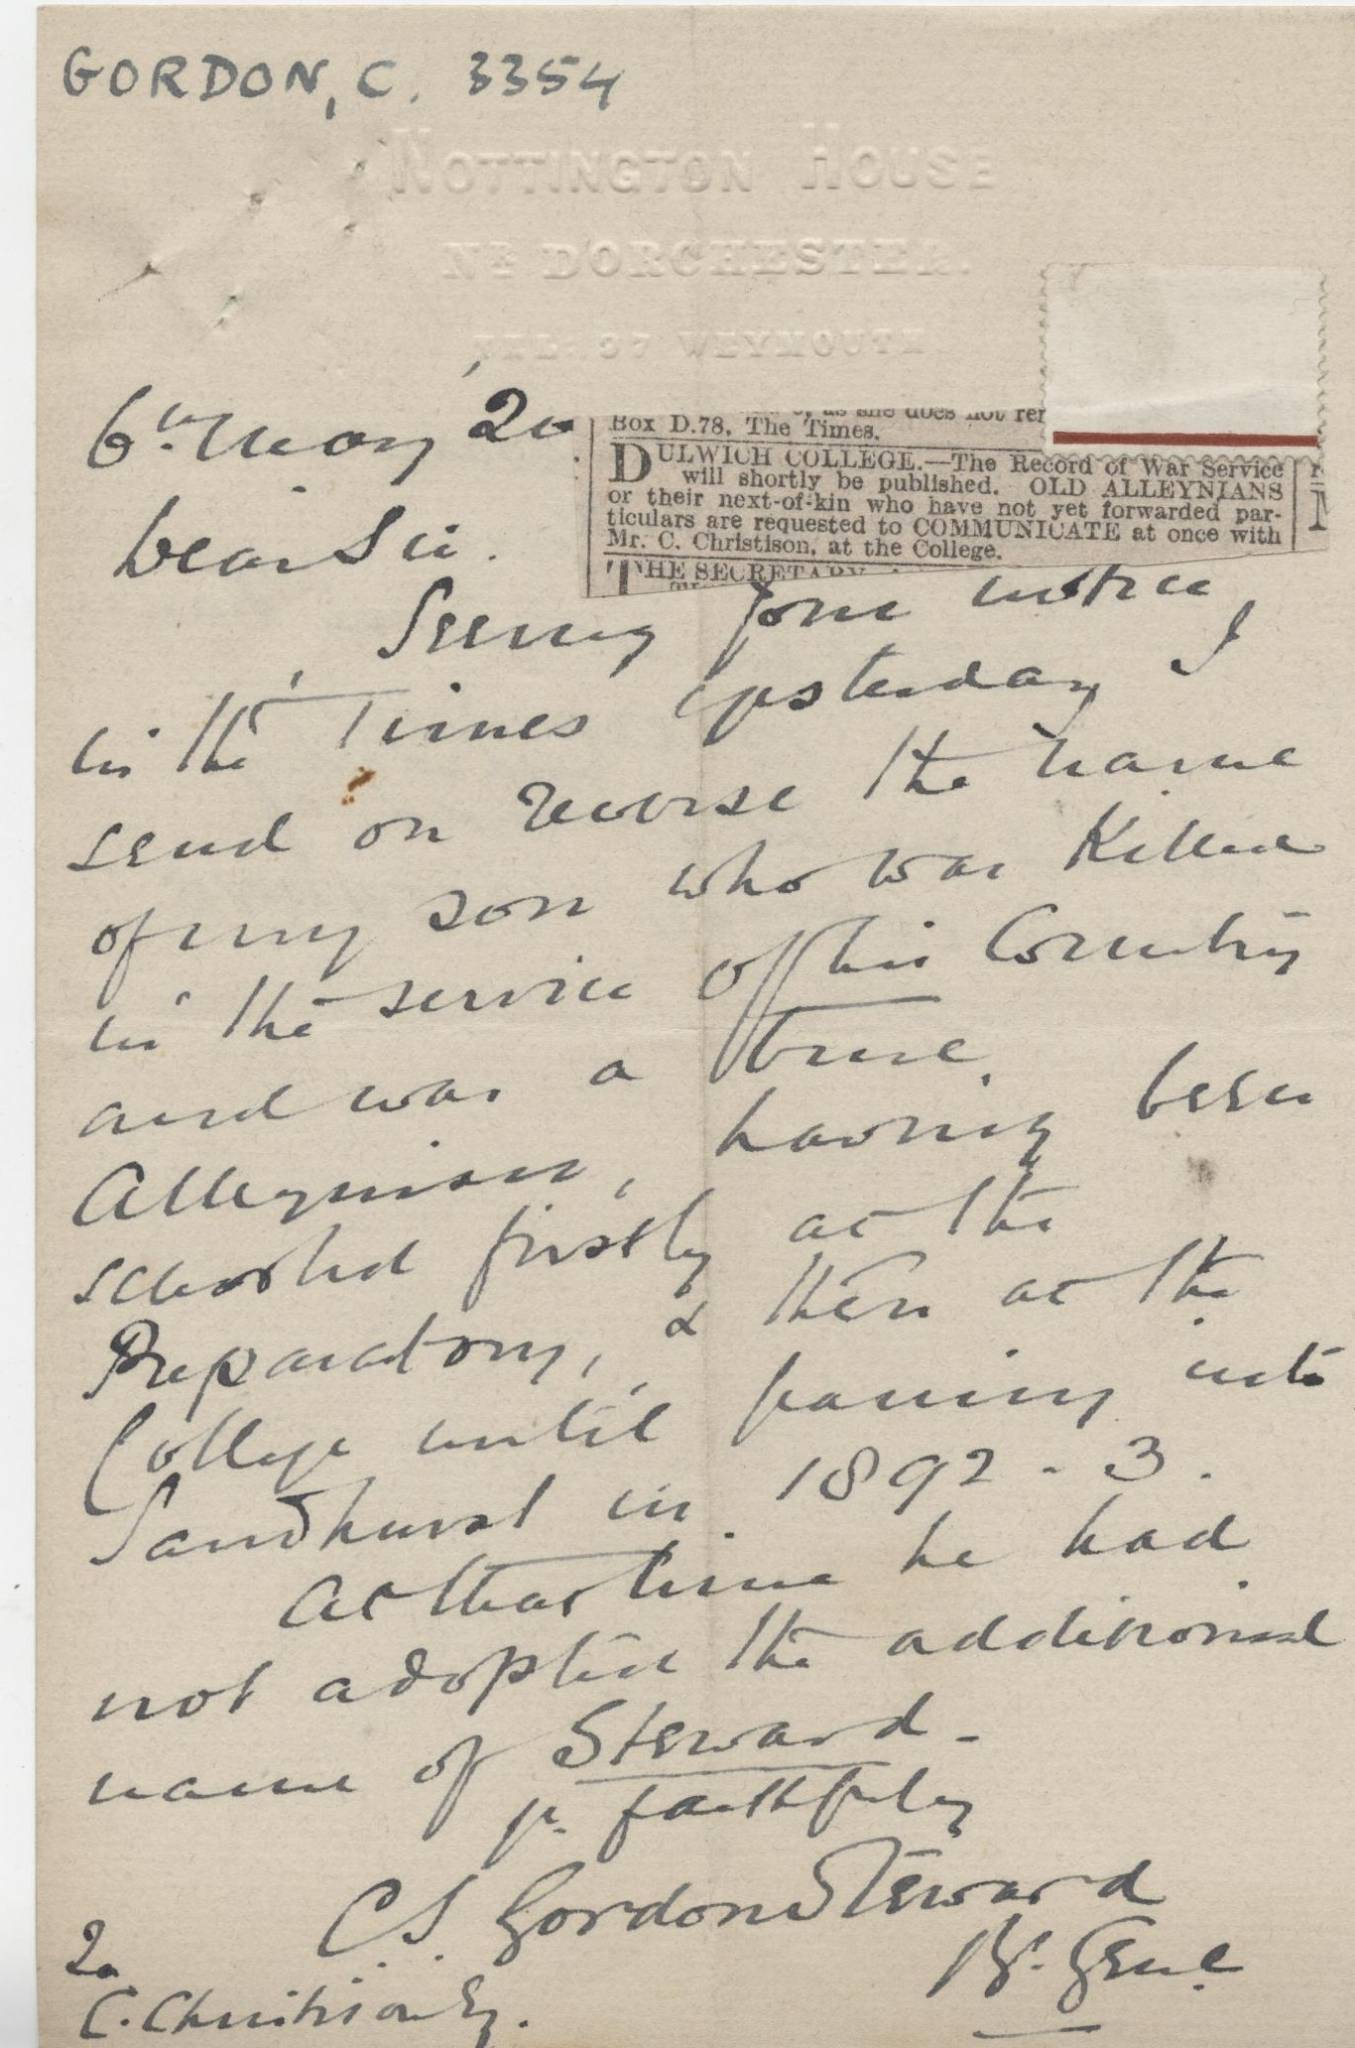 Gordon-Steward CW Letter 1